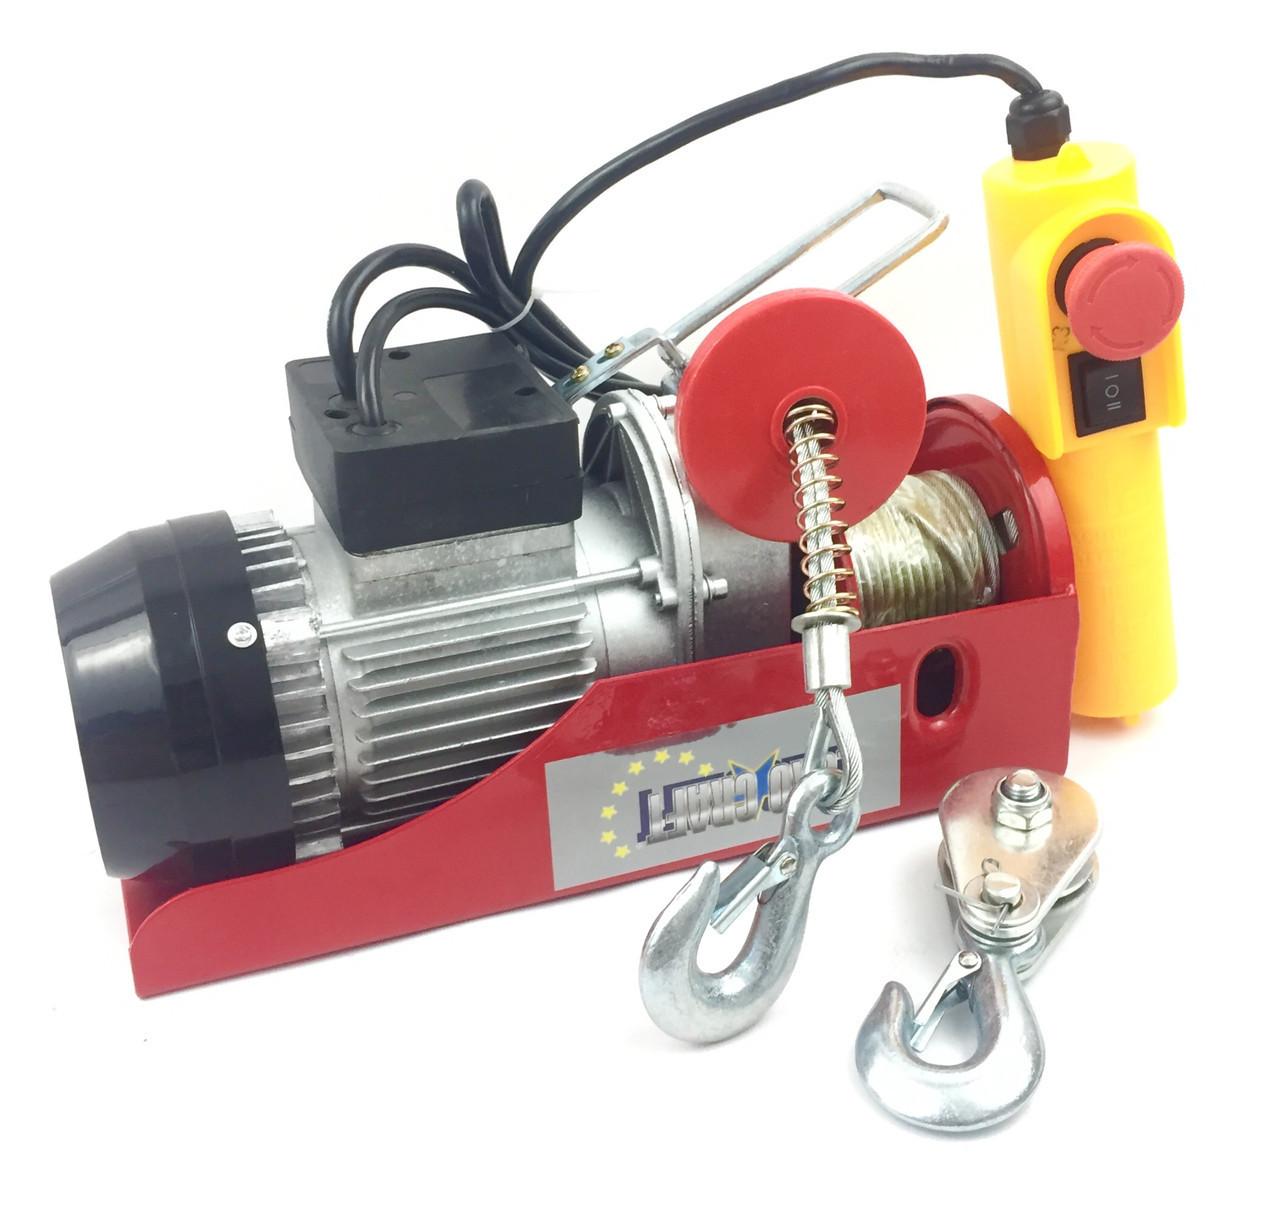 Электрический тельфер Euro Craft 150/300 кг (HJ202)